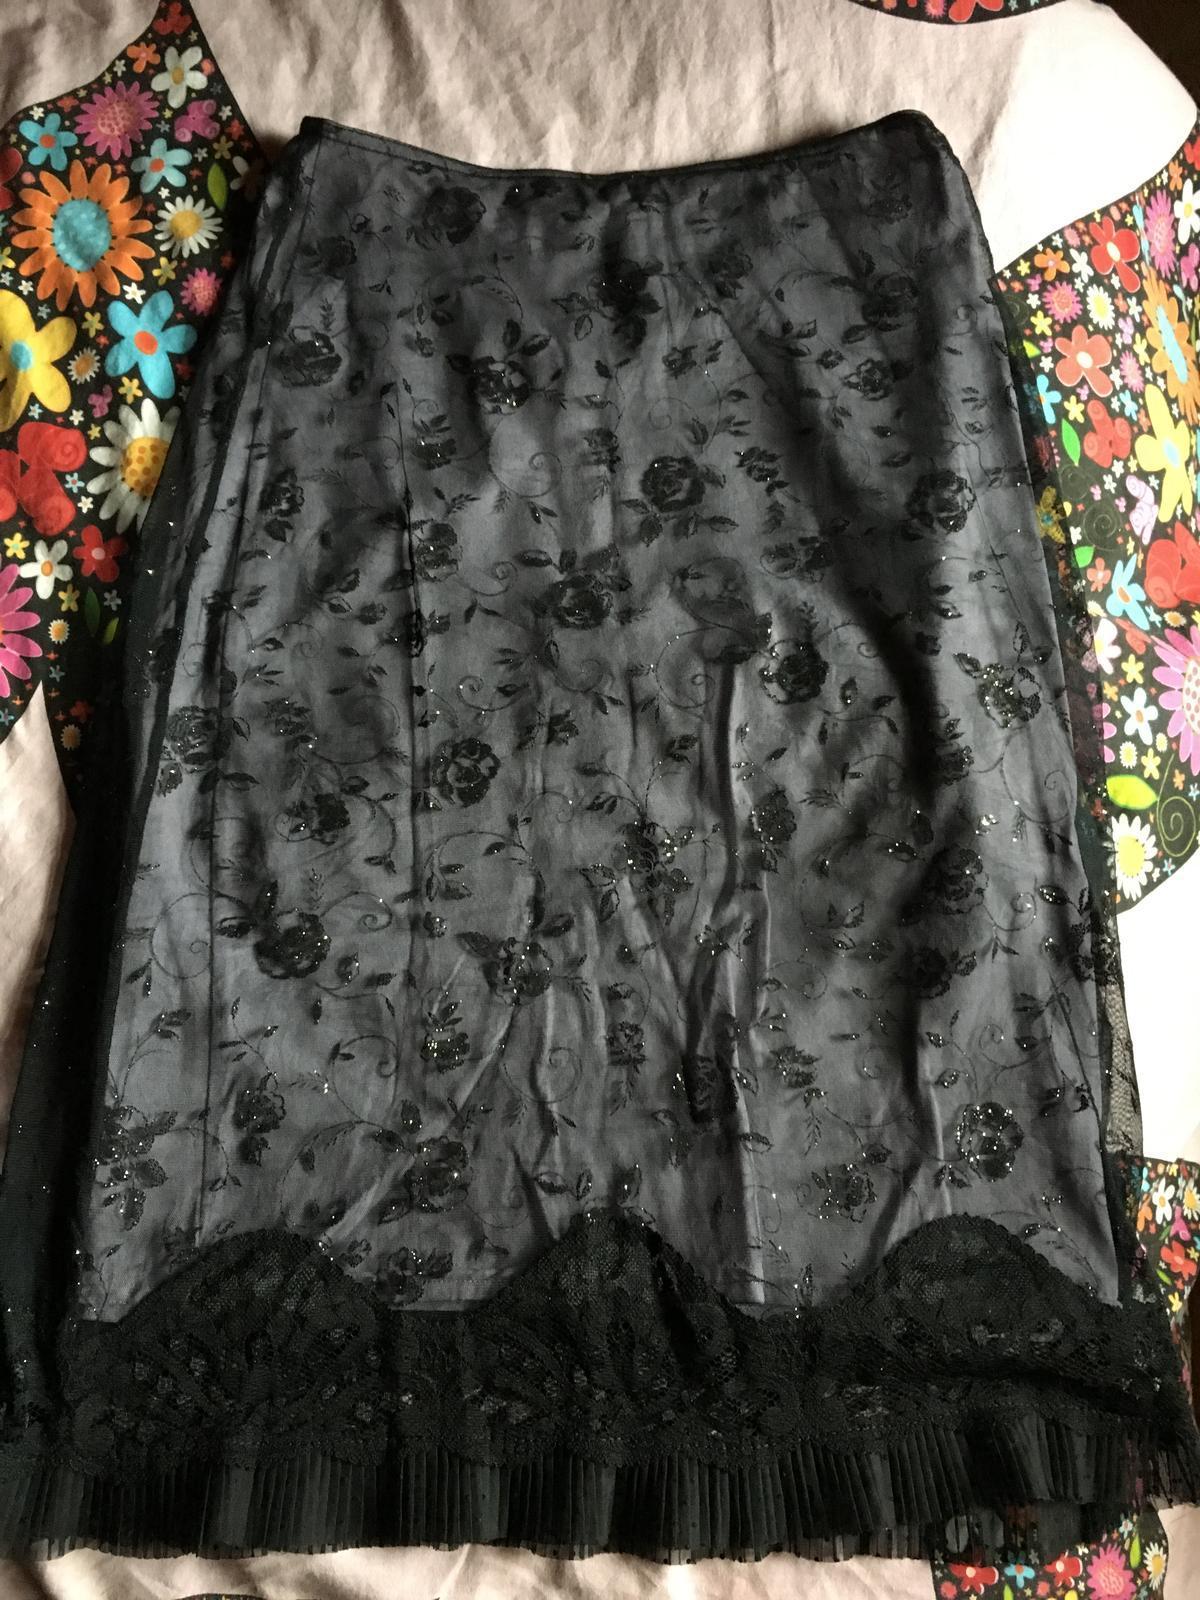 Morgan čipkovaná sukňa - Obrázok č. 1